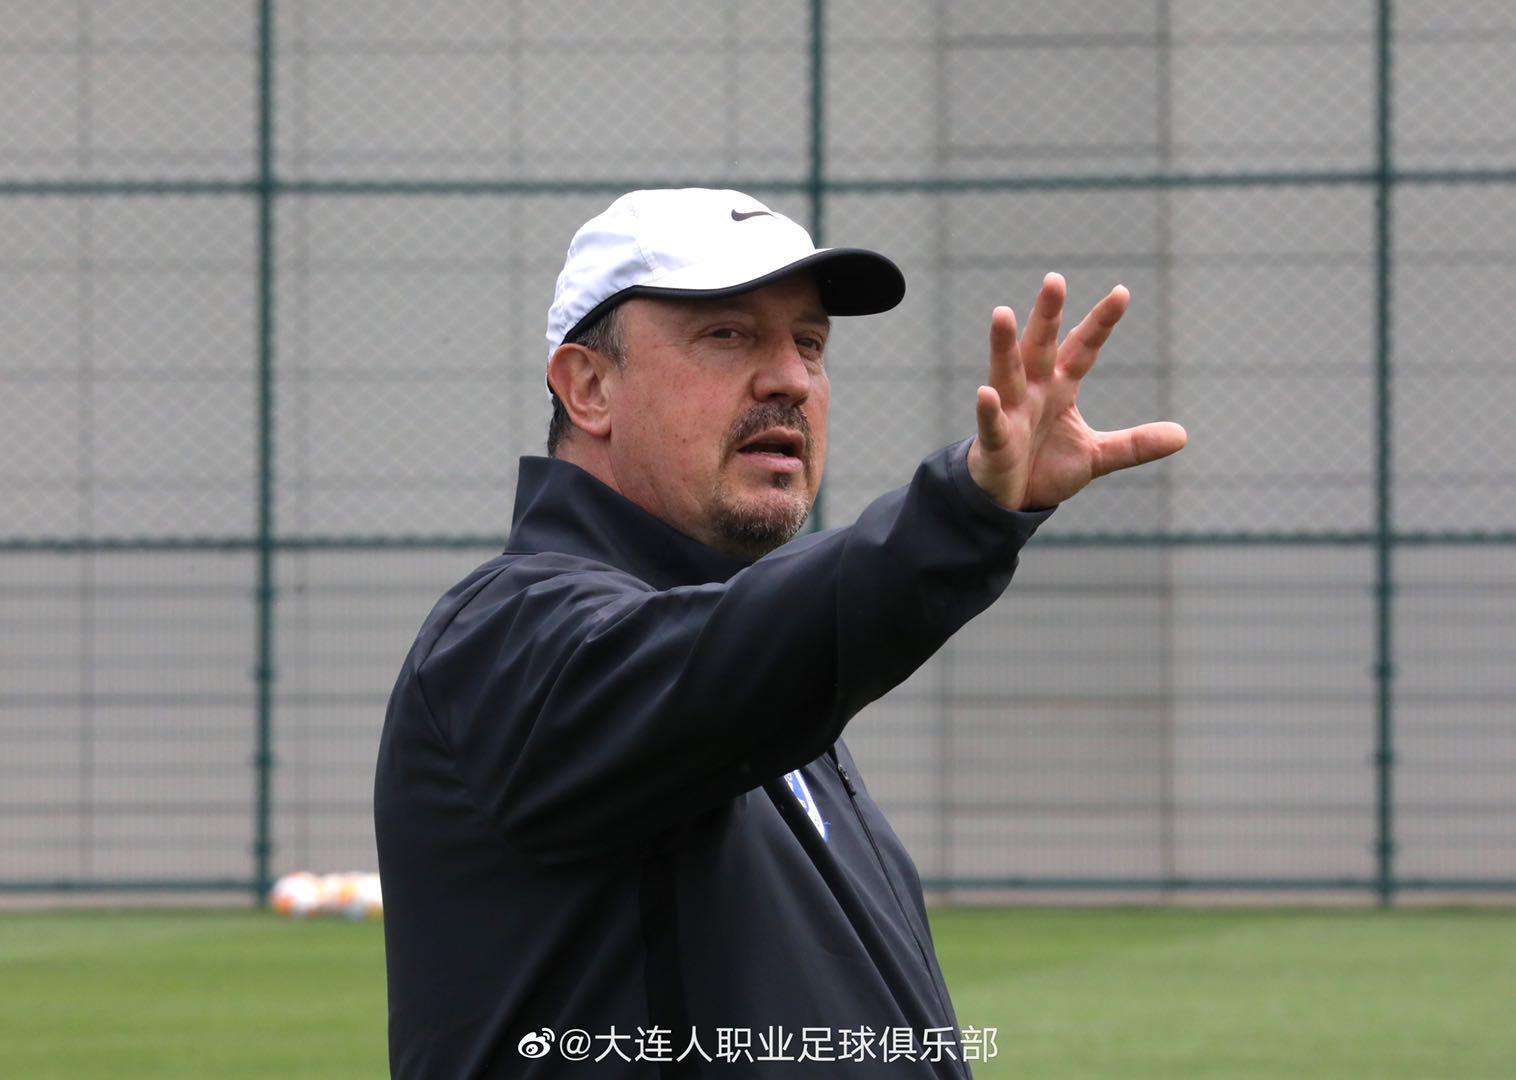 炎身赛:龙东双响林良铭博阿滕破门,大连人5-2预备队